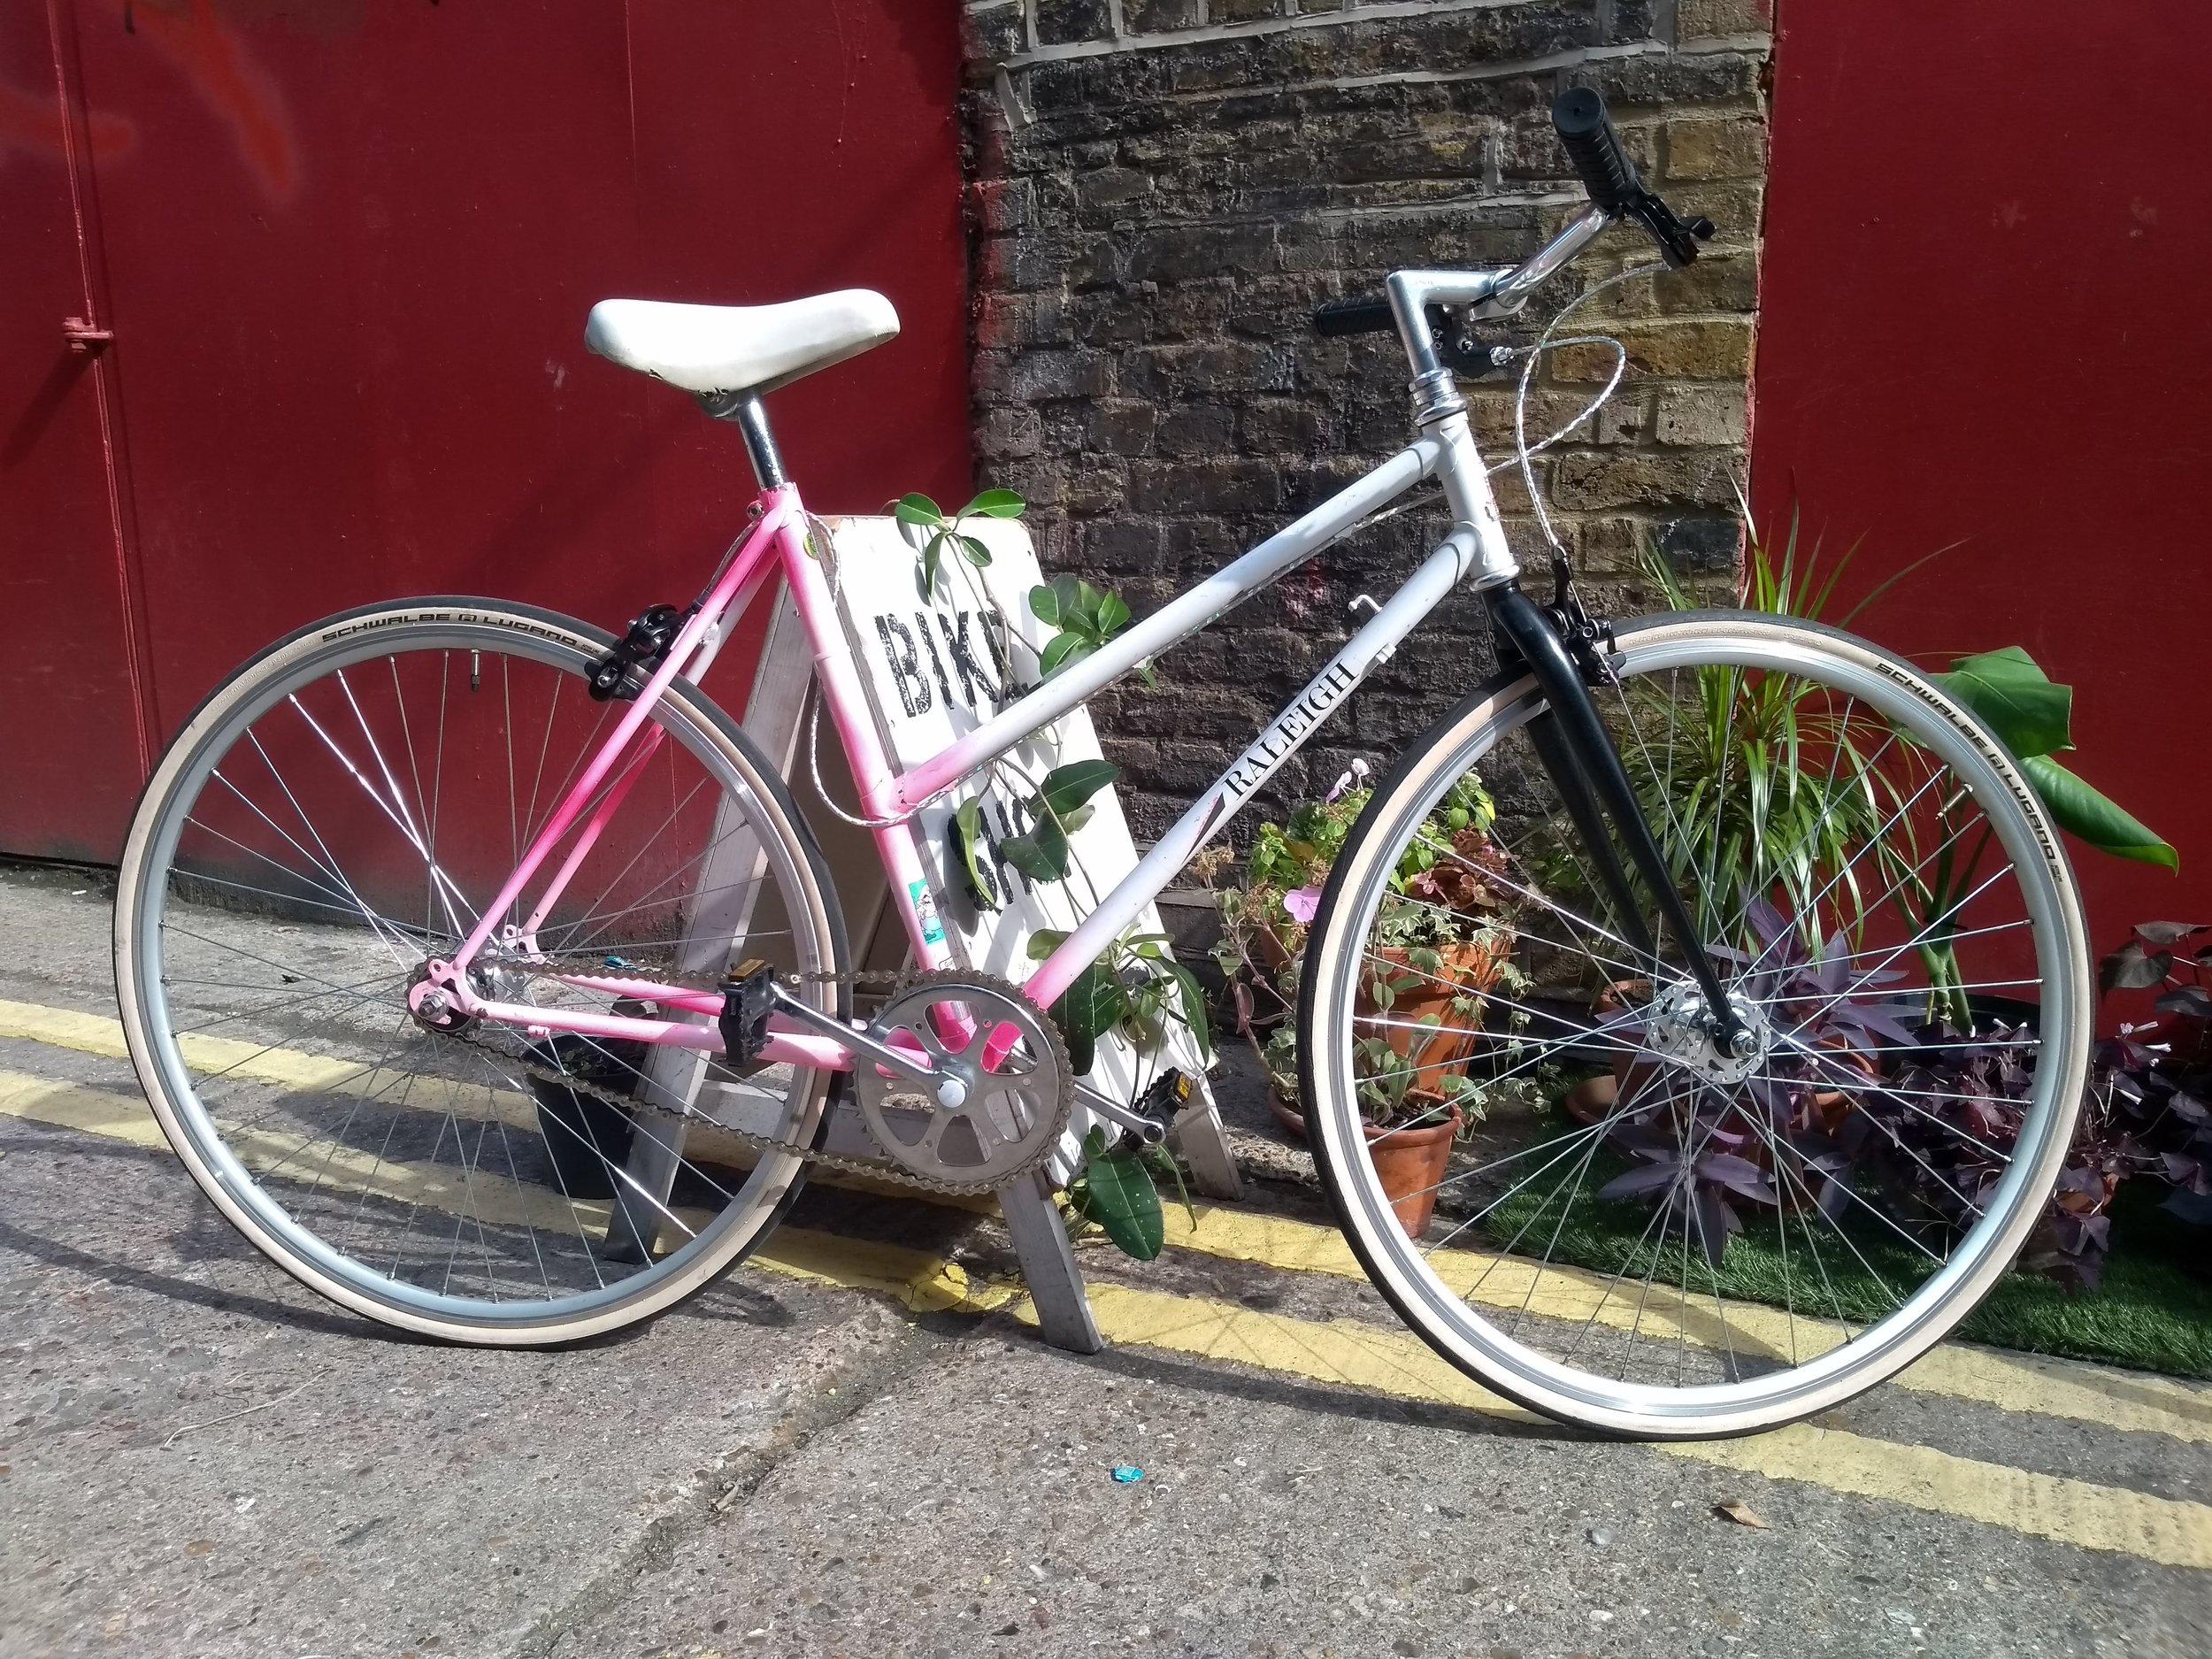 used-bicycle-london.jpg